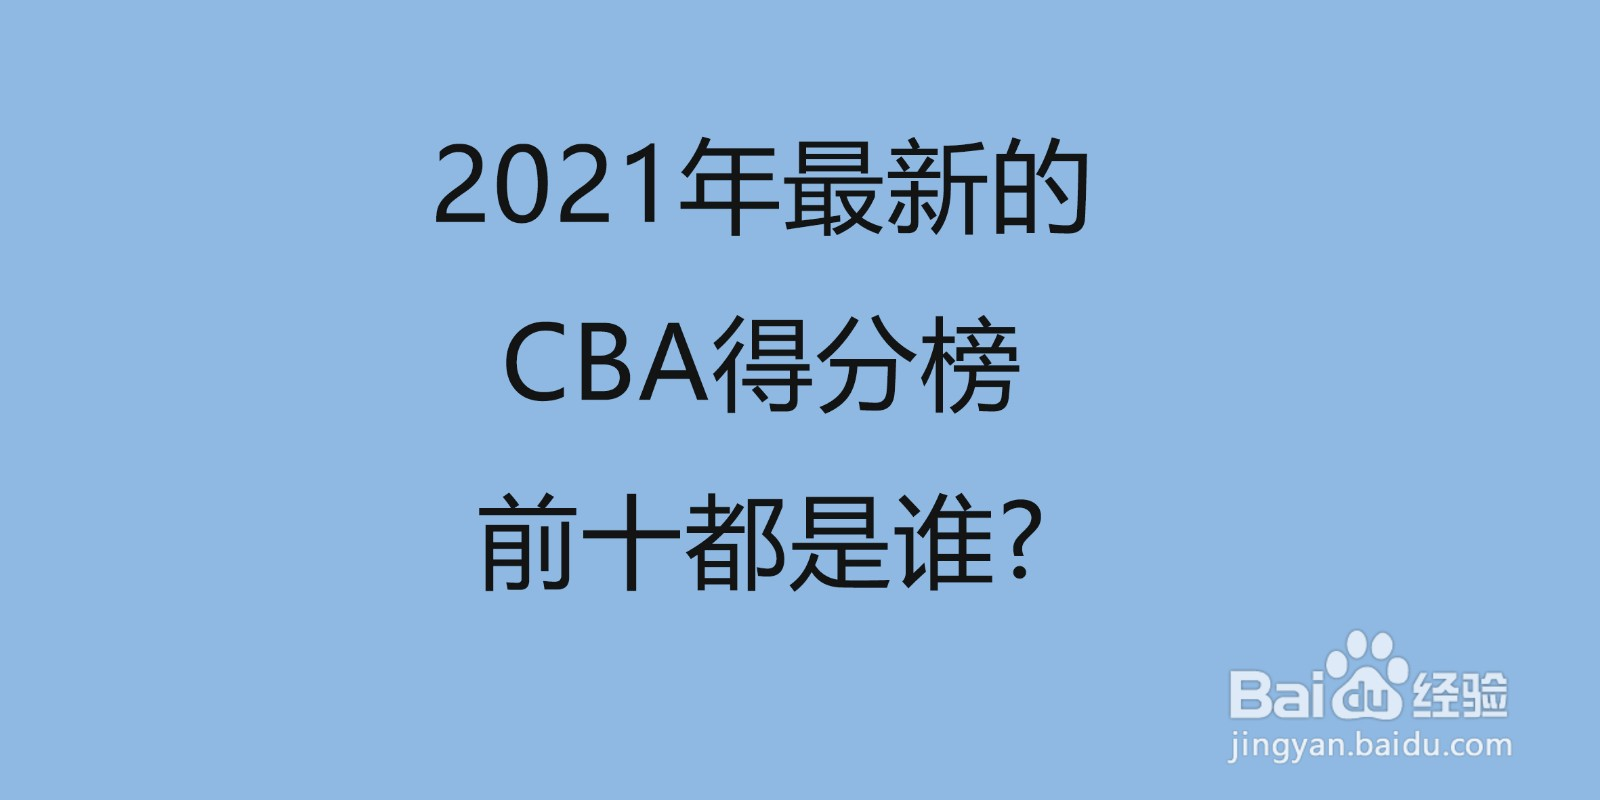 2021年最新的CBA得分榜前十都是谁?